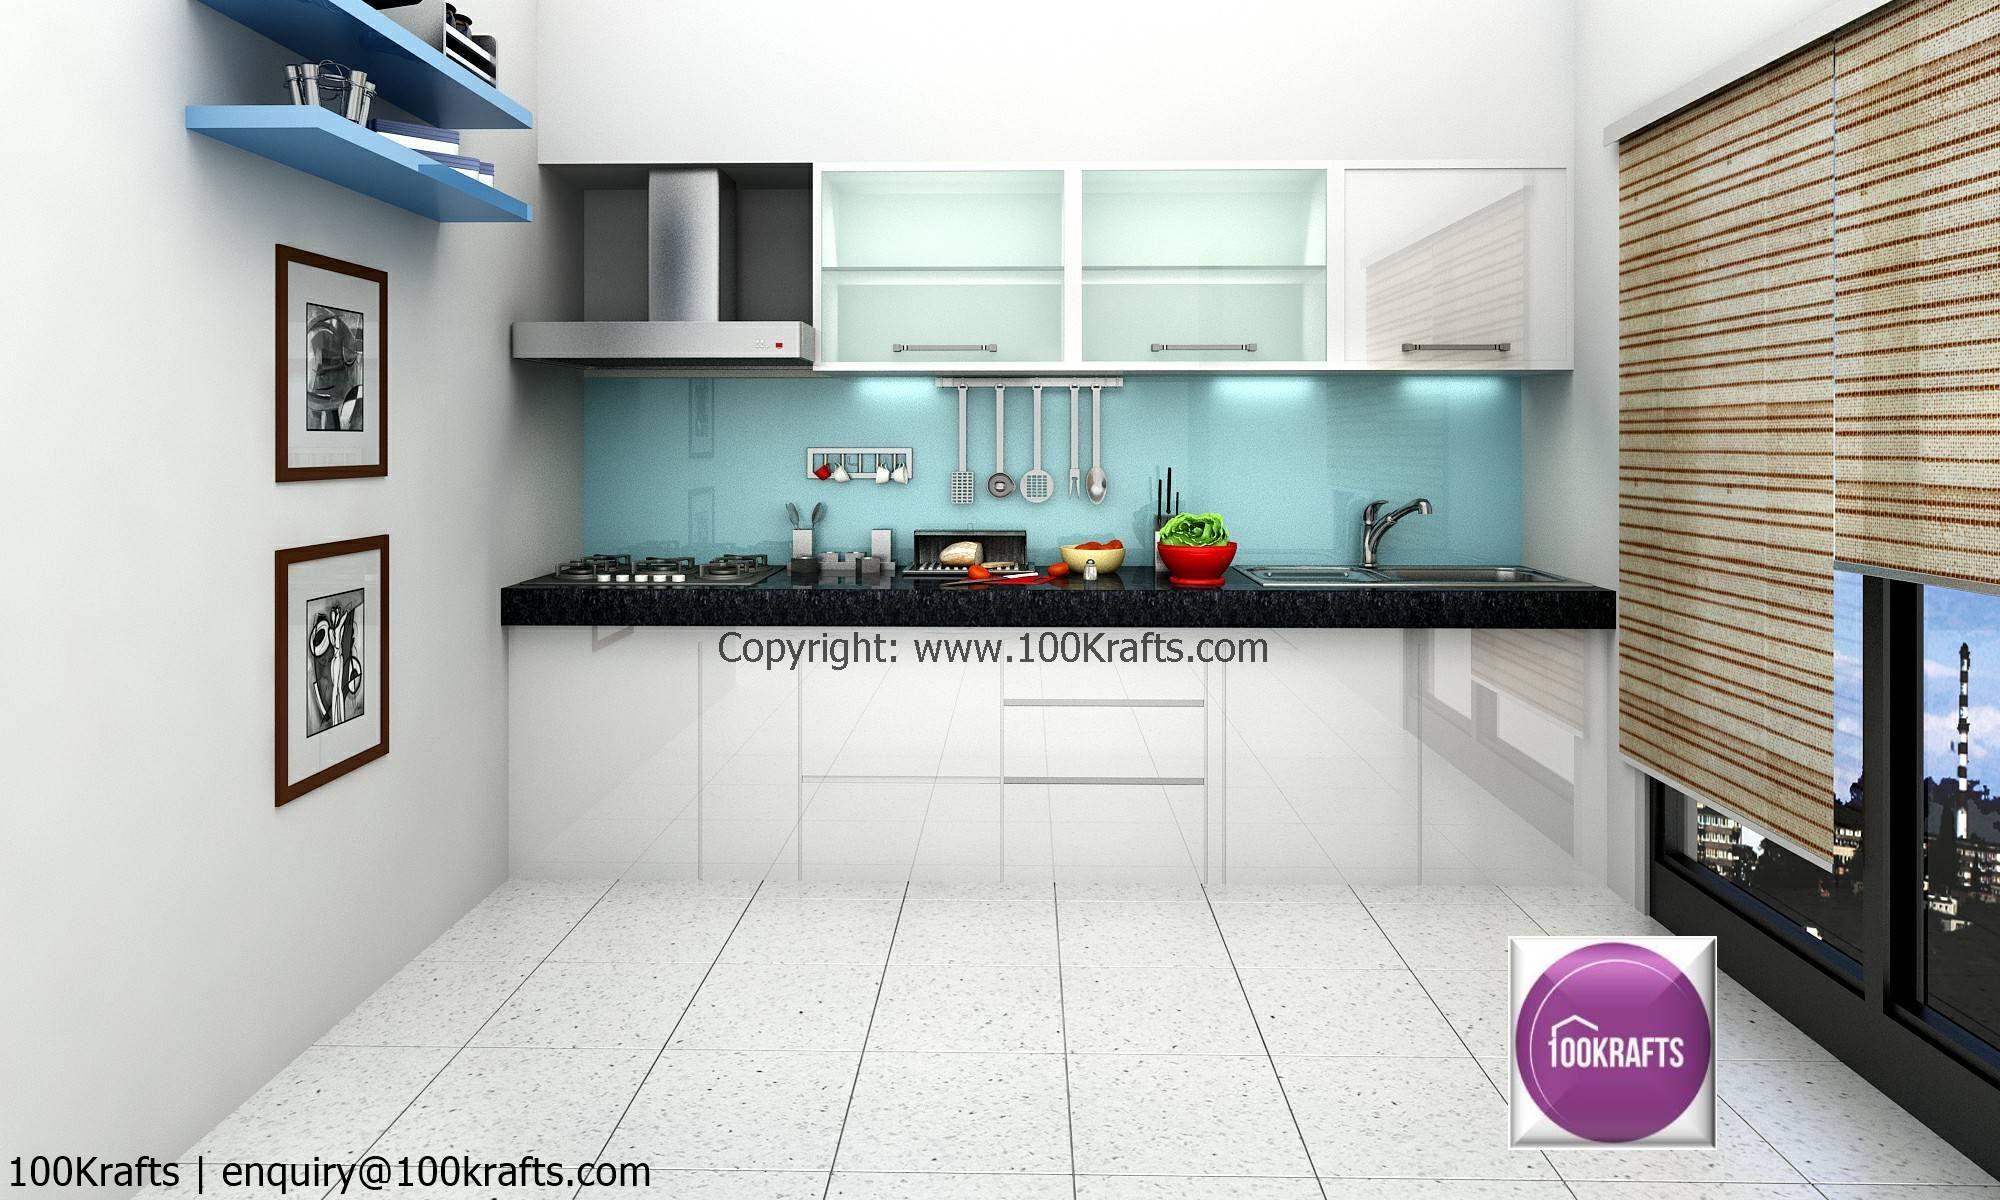 Idea by 100Krafts on Dream Kitchen Interior design firms